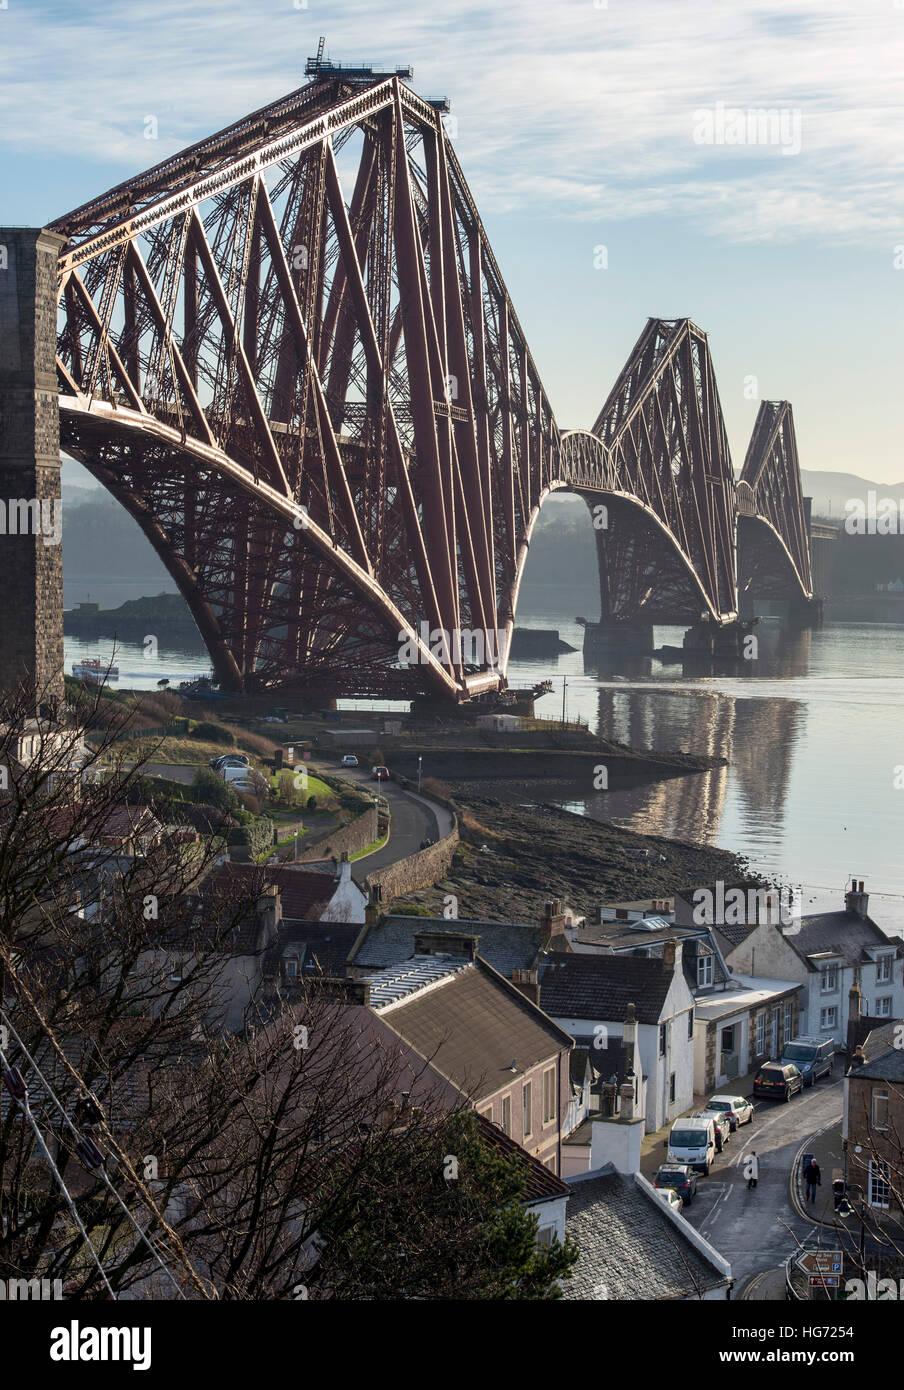 Il Ponte di Forth Rail visto dal villaggio di North Queensferry guardando verso sud sul Firth of Forth. Immagini Stock